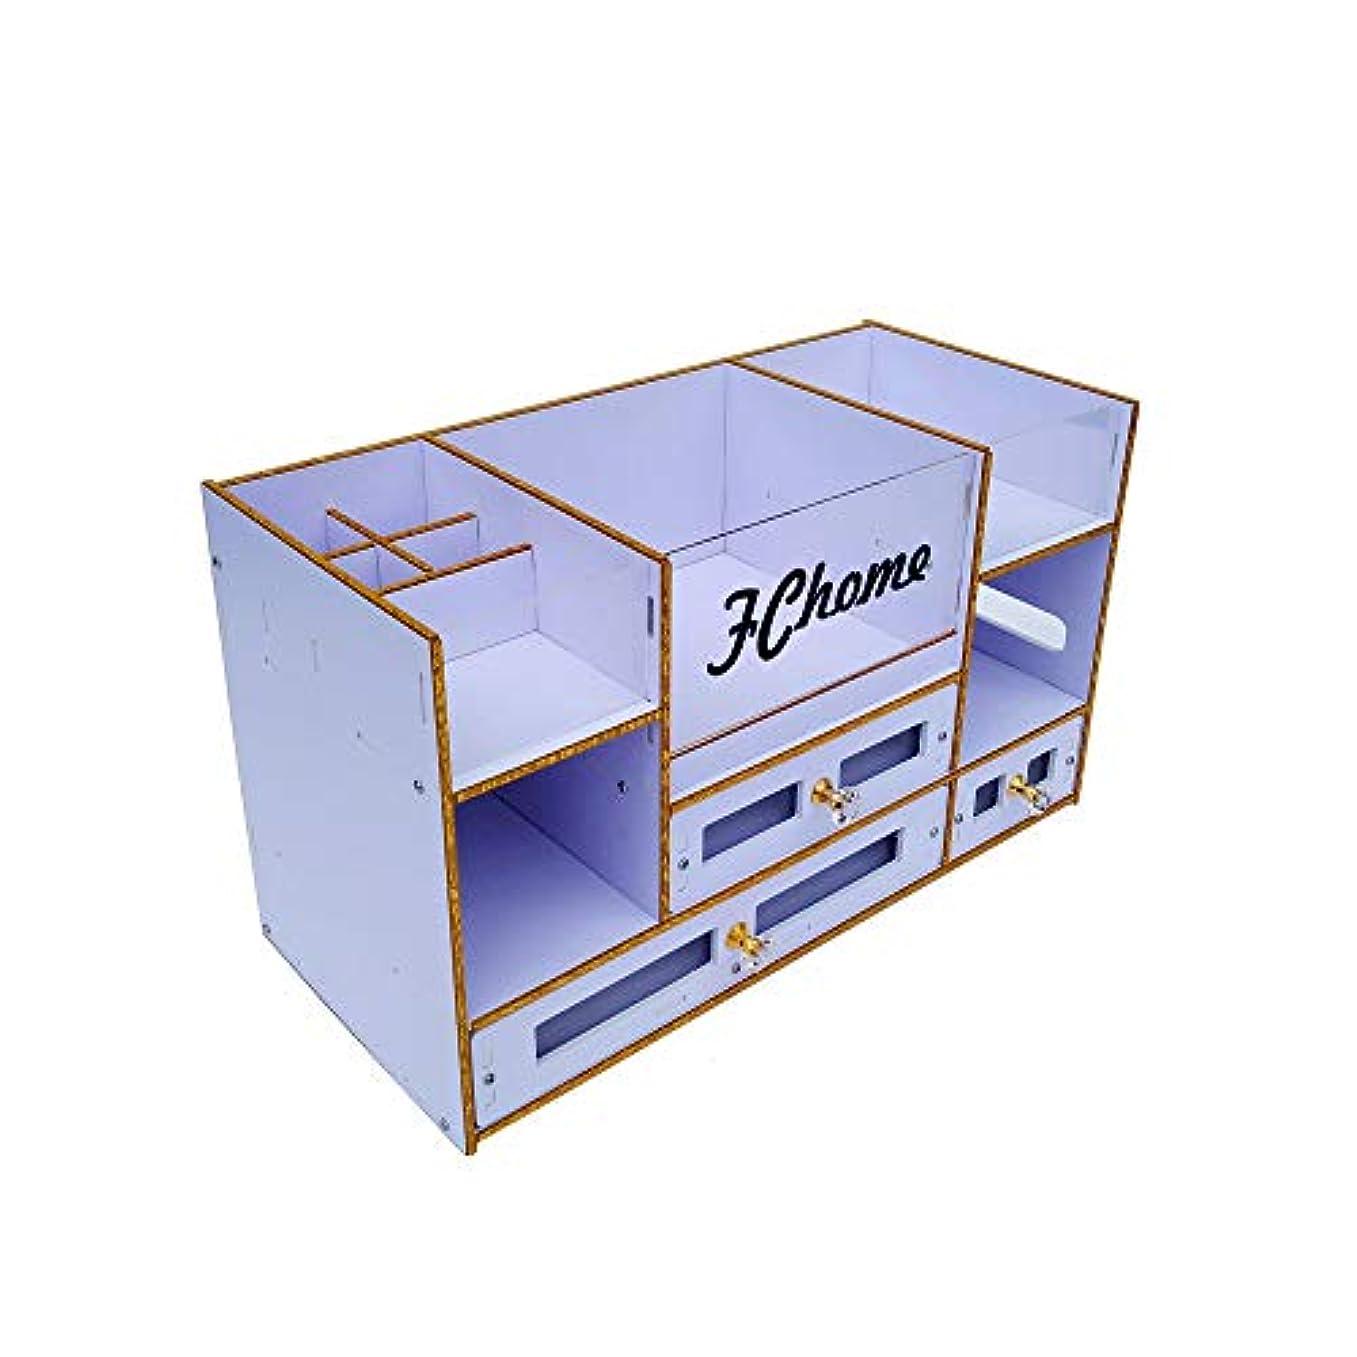 コンセンサスインタラクション悪性腫瘍FChome 化粧品収納ボックス 引き出し アクリルPVCジュエリー 化粧品ディスプレイケース メイクアップオーガナイザーセット 特大 (金)